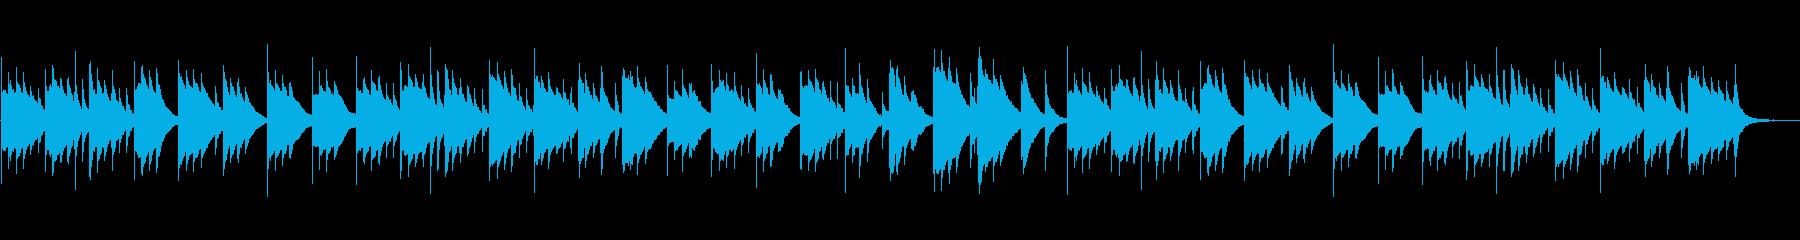 睡眠/赤ちゃん/優しい癒しのオルゴールの再生済みの波形